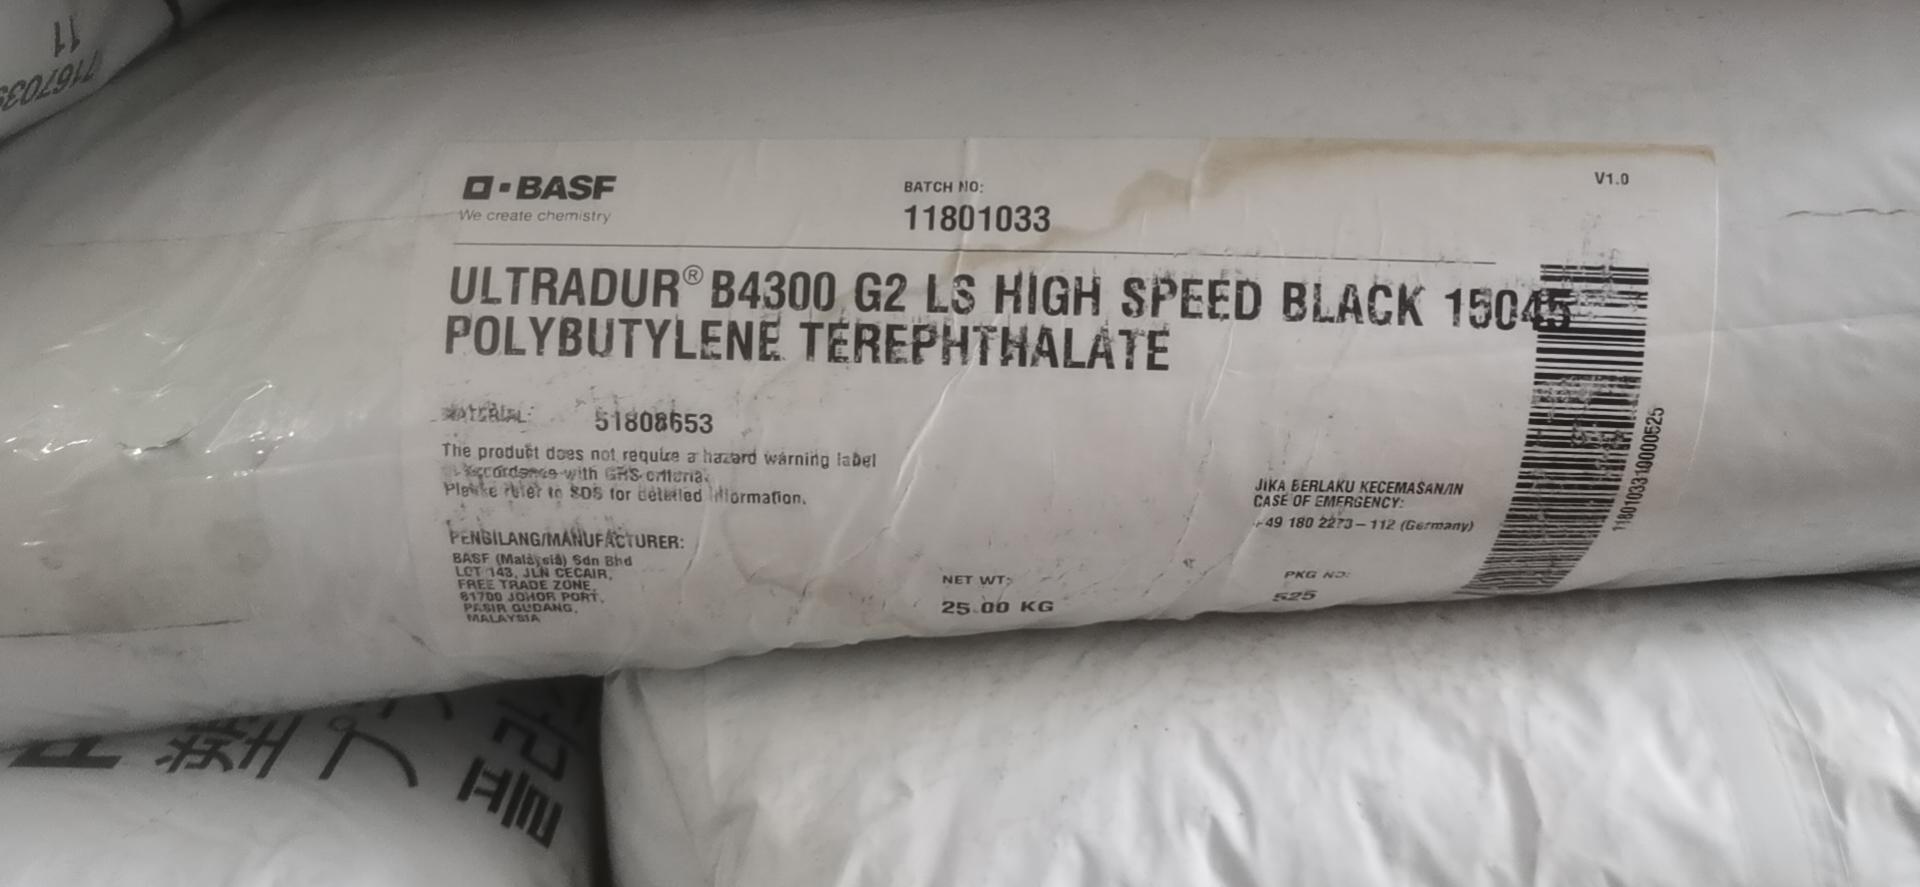 Ultradur B4300G2 LS